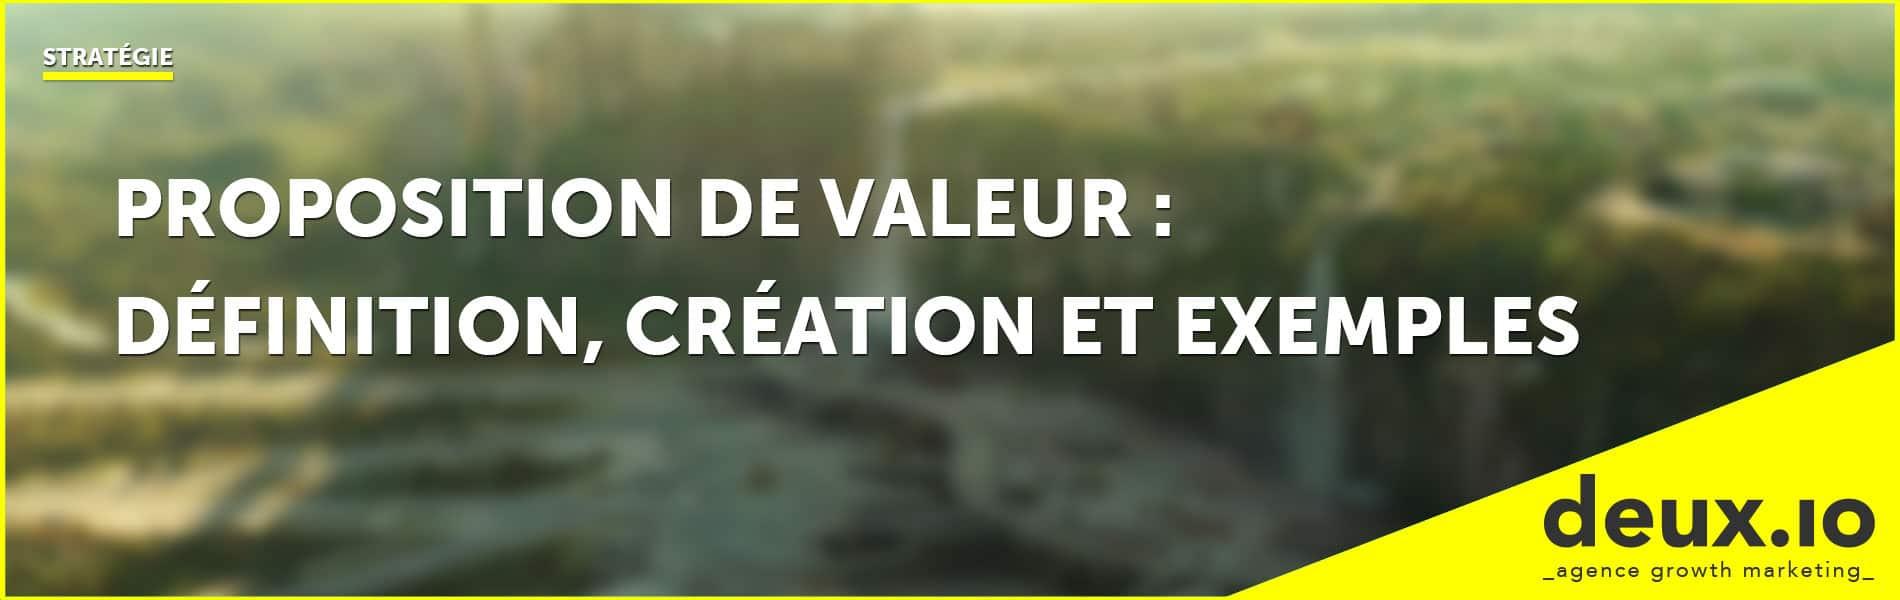 proposition de valeur définition création et exemples